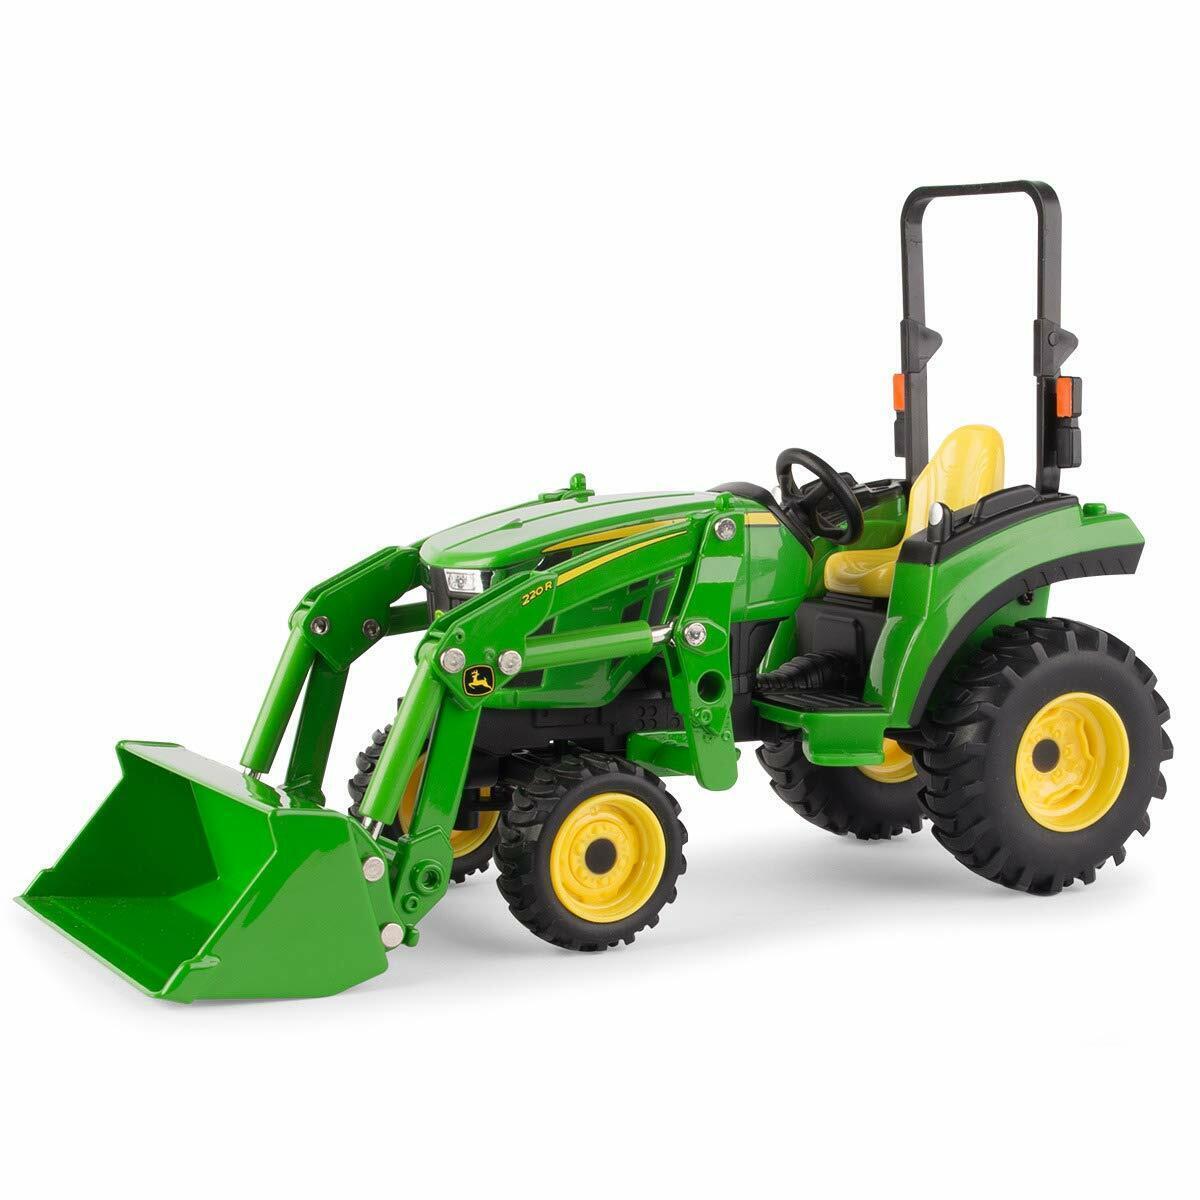 Neu John Deere 2038R Kompakt Traktor mit Lader, 1 16 Maßstab, Alter 3+ LP70531